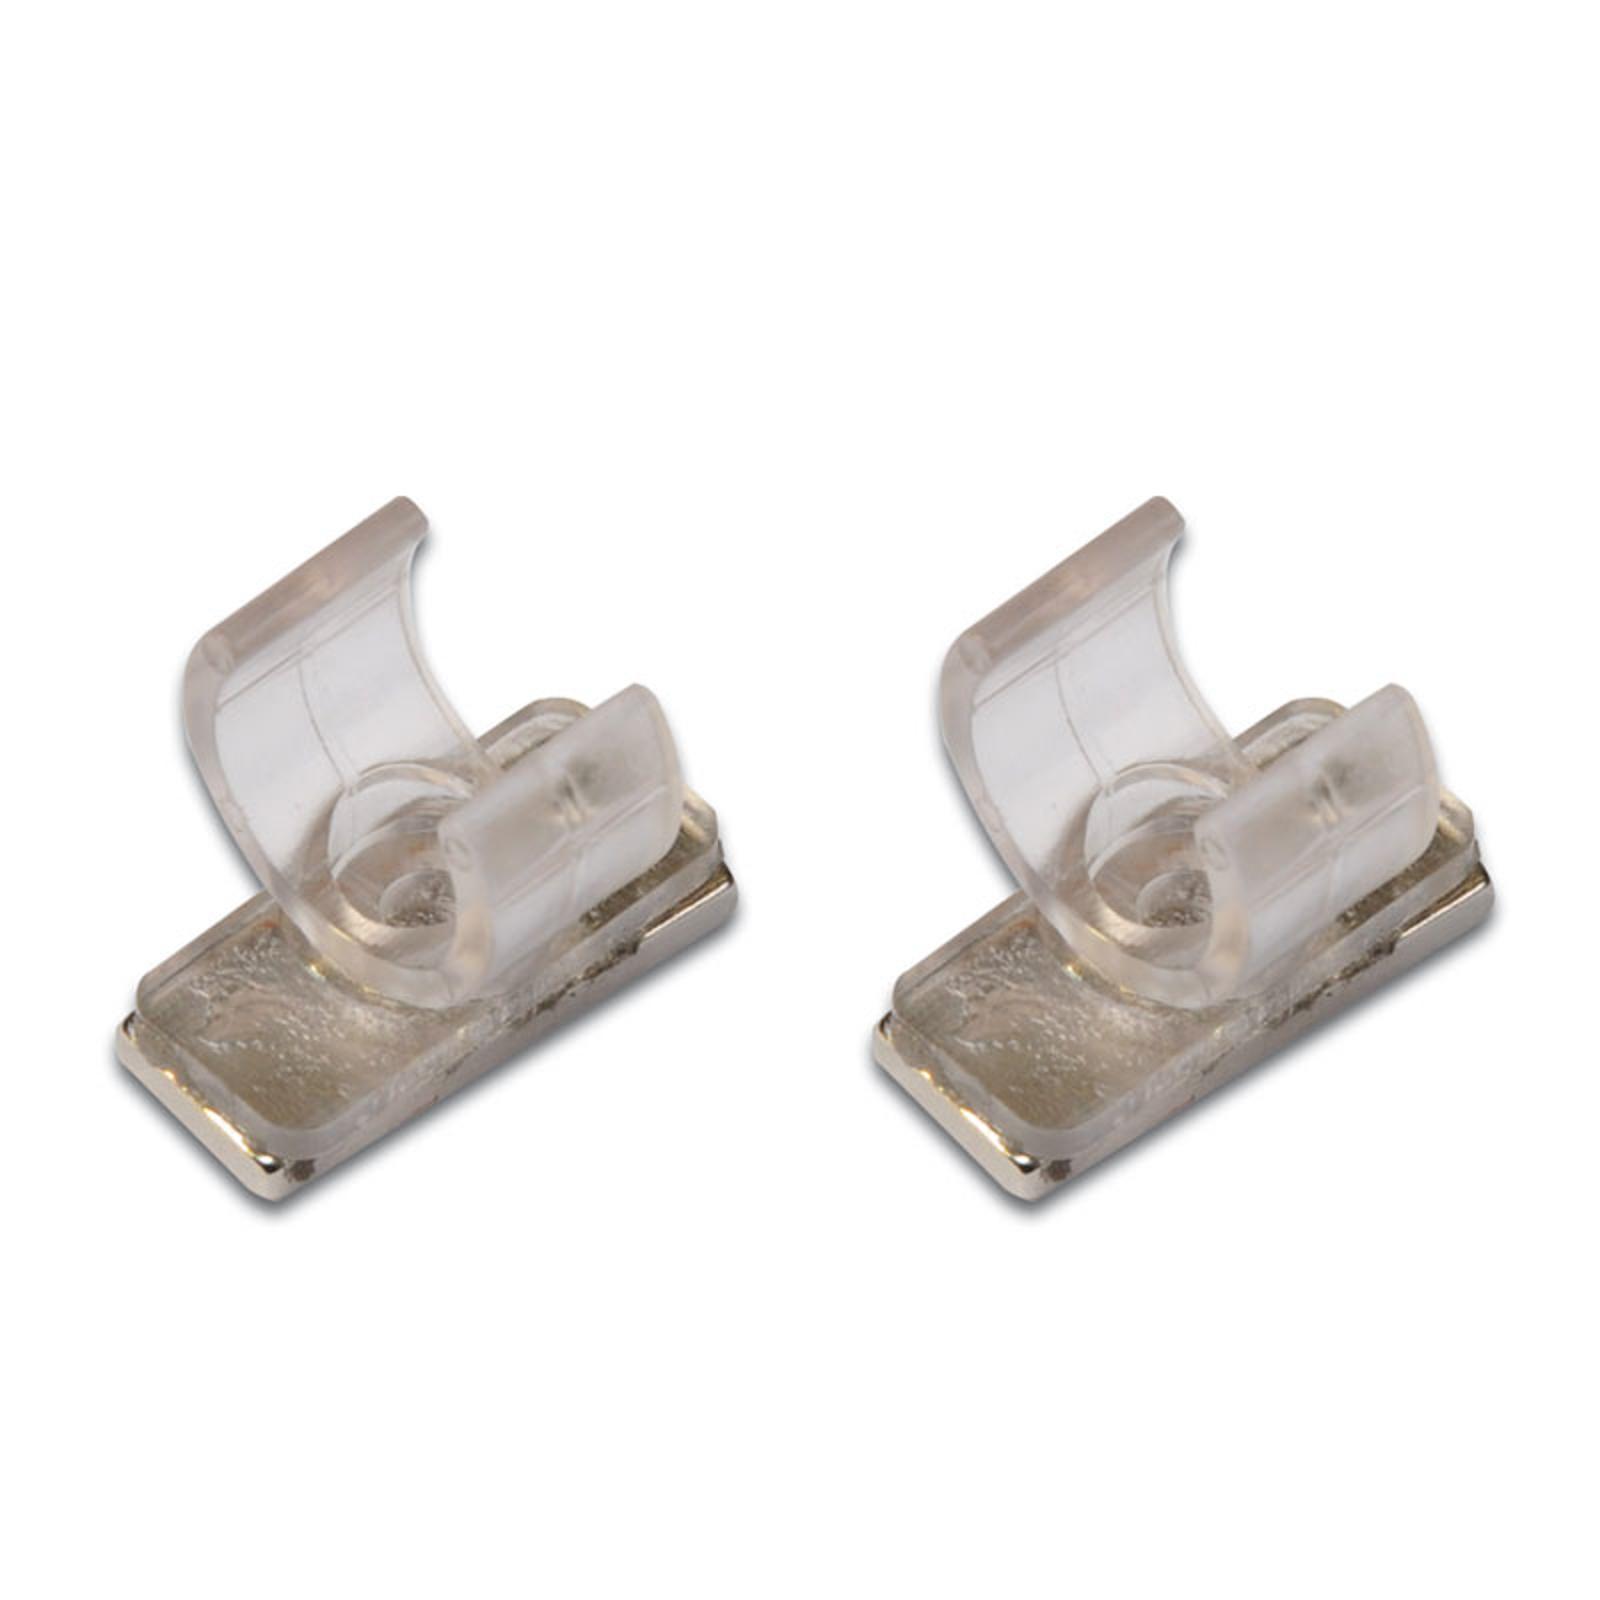 Support magnétique par 2 pour lampe meubles Pipe F